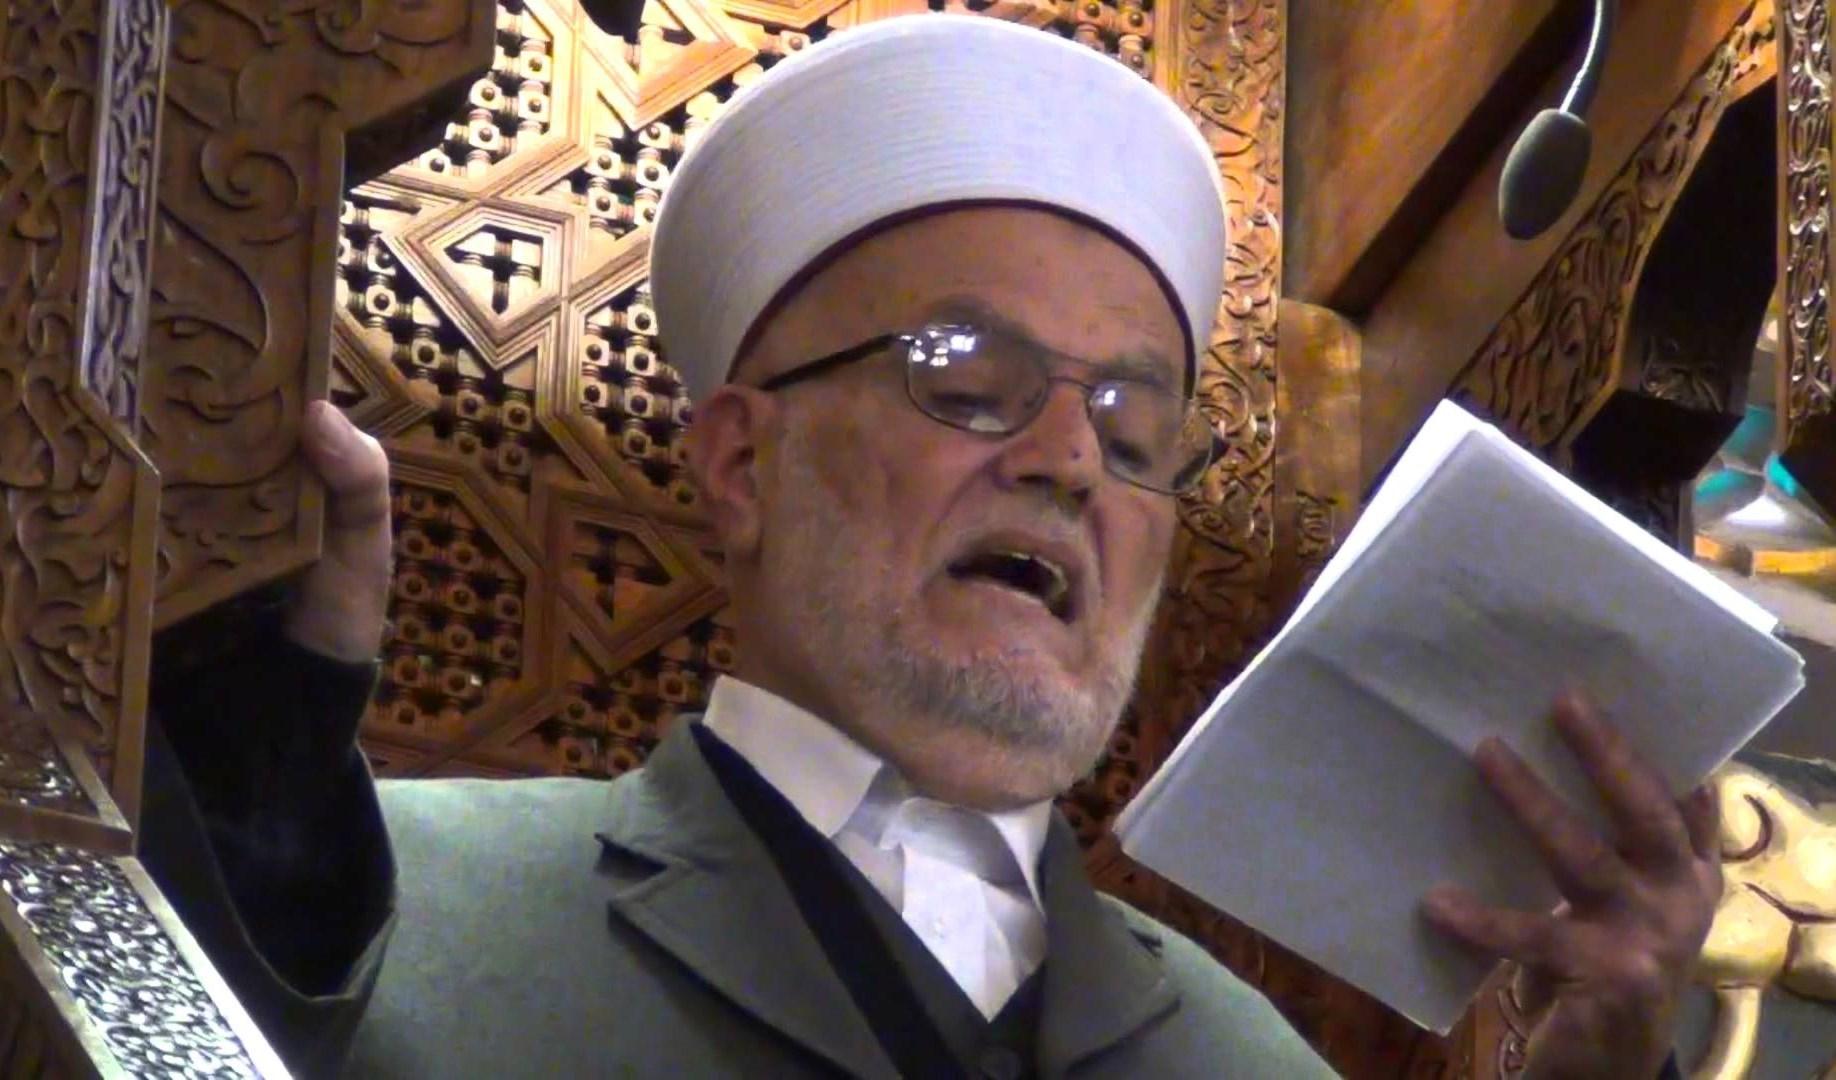 اقتحام قوات الاحتلال يأتي بعد الدعوة الى جمعة غضب نصرة للنبي محمد